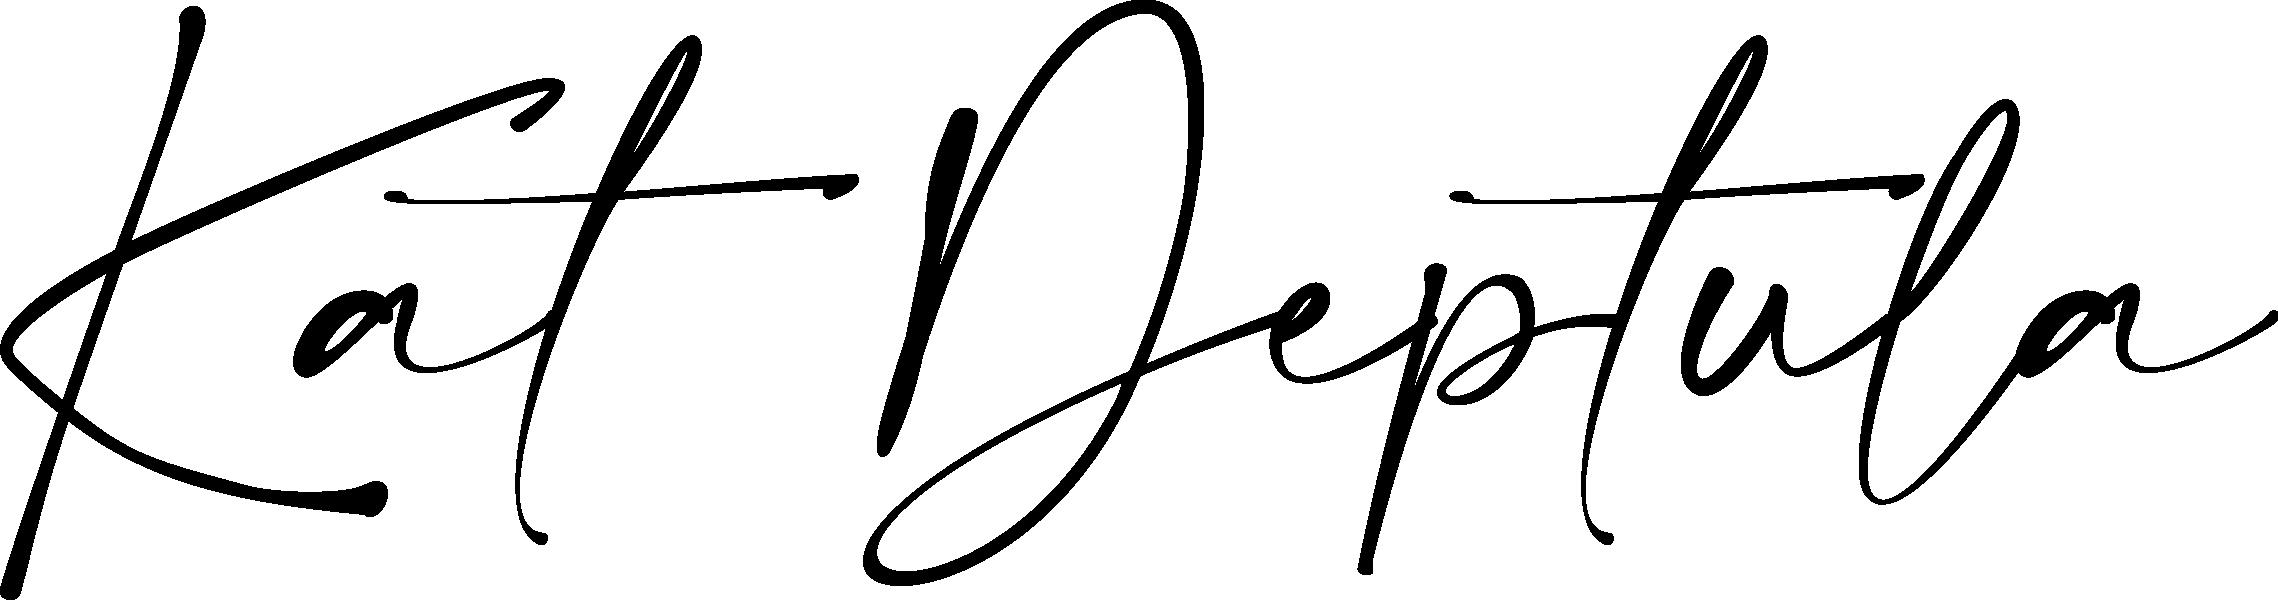 Kat Deptula